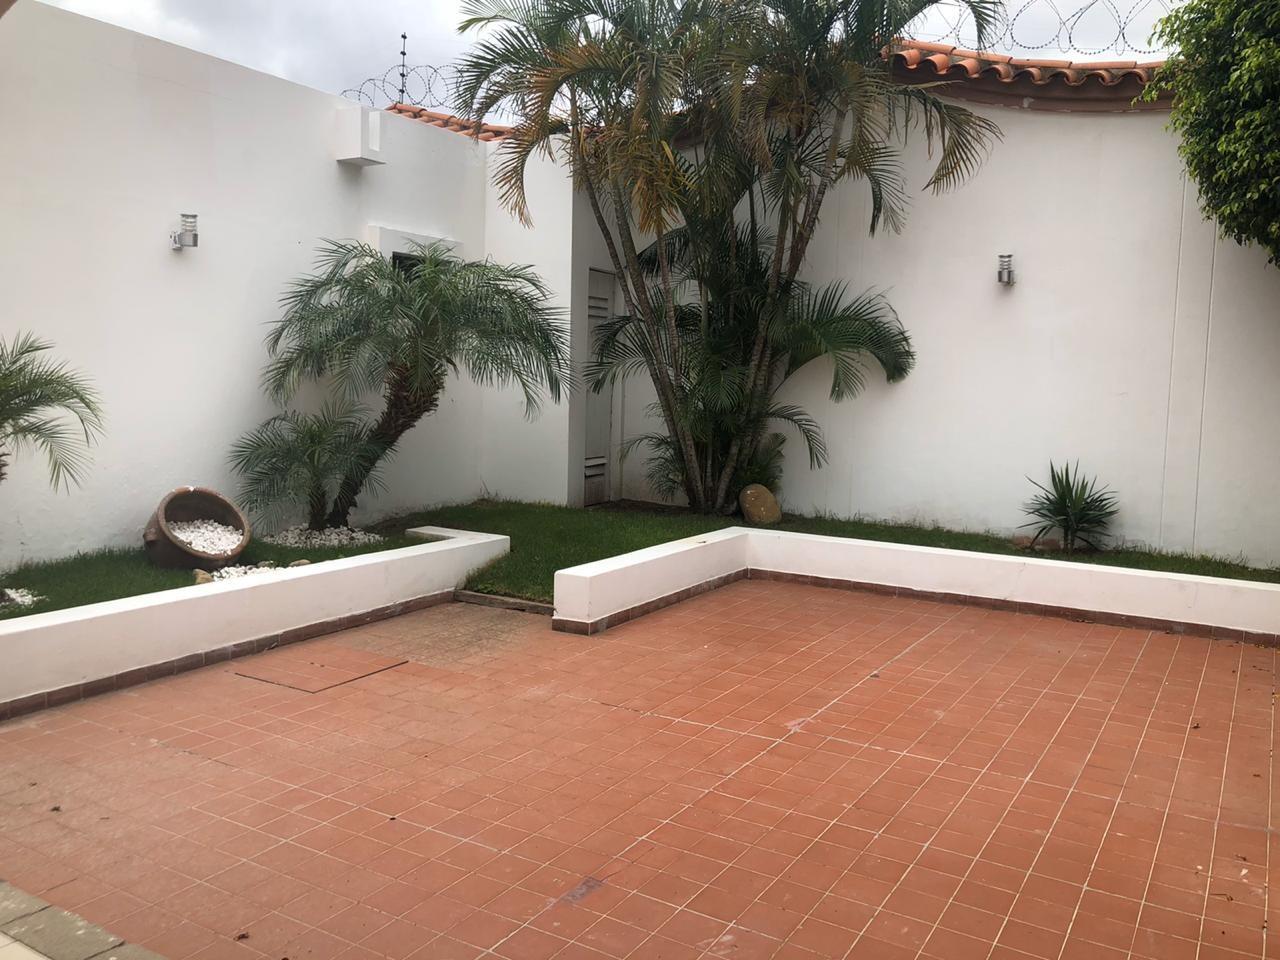 Casa en Alquiler 5 to Anillo entre Av Beni y Av. Cristo Redentor, cond. La Hacienda Foto 7